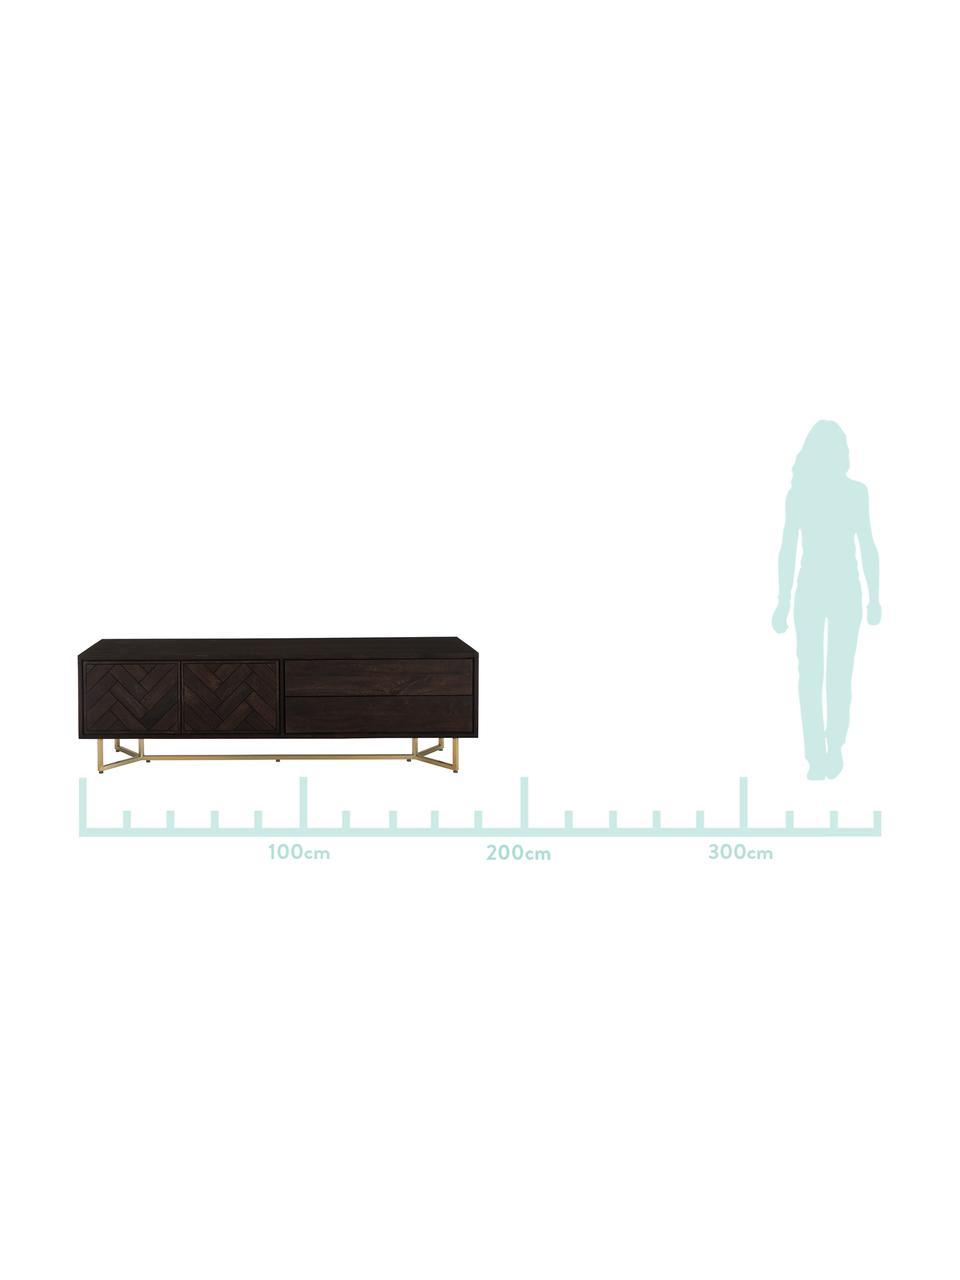 Szafka niska w jodełkę z drzwiczkami Luca, Korpus: lite drewno mangowe, Stelaż: metal powlekany, Ciemny brązowy, S 180 x W 54 cm